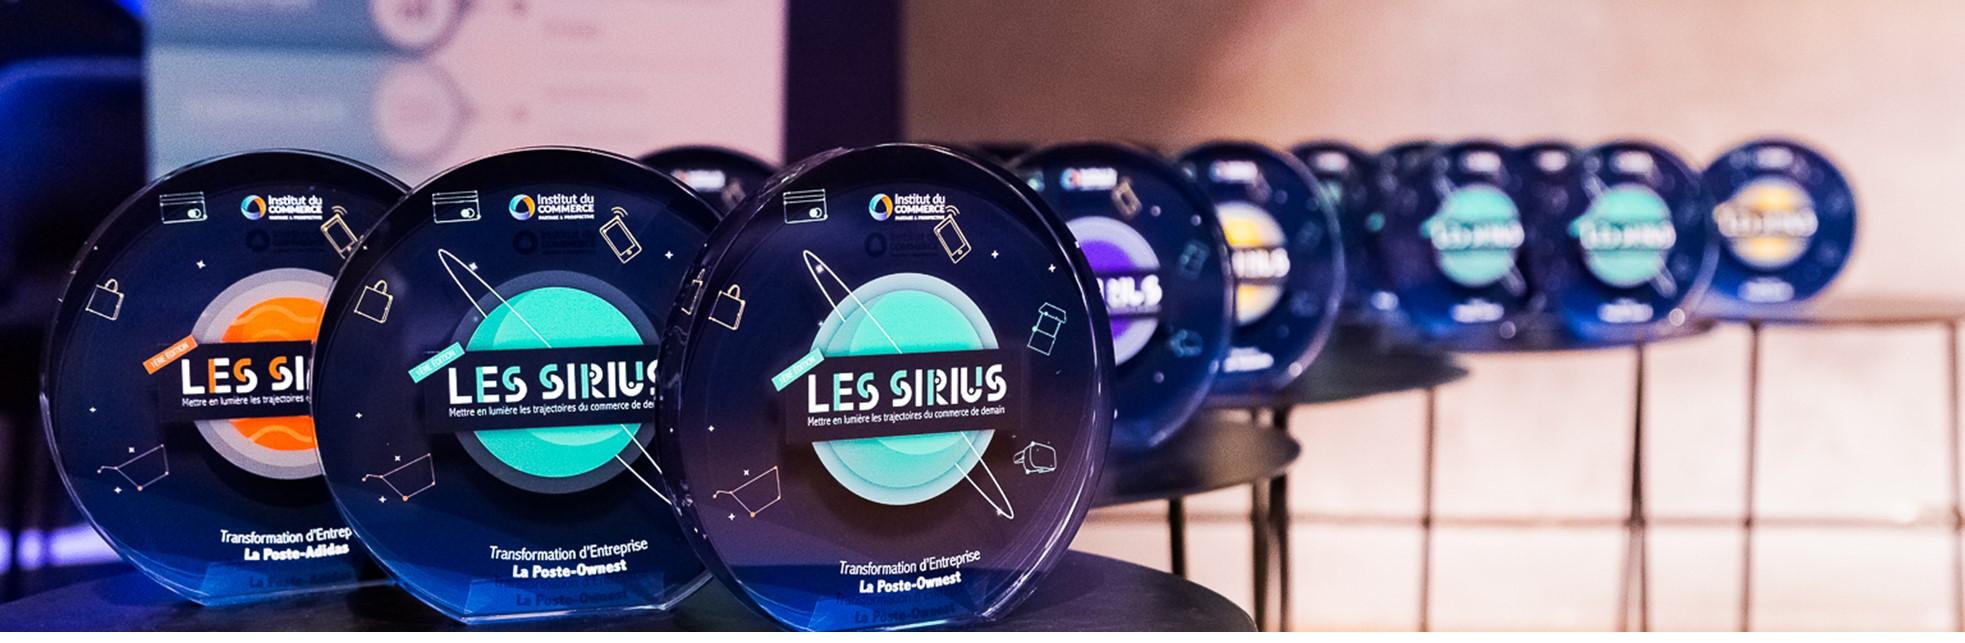 Le palmarès des Sirius 2018